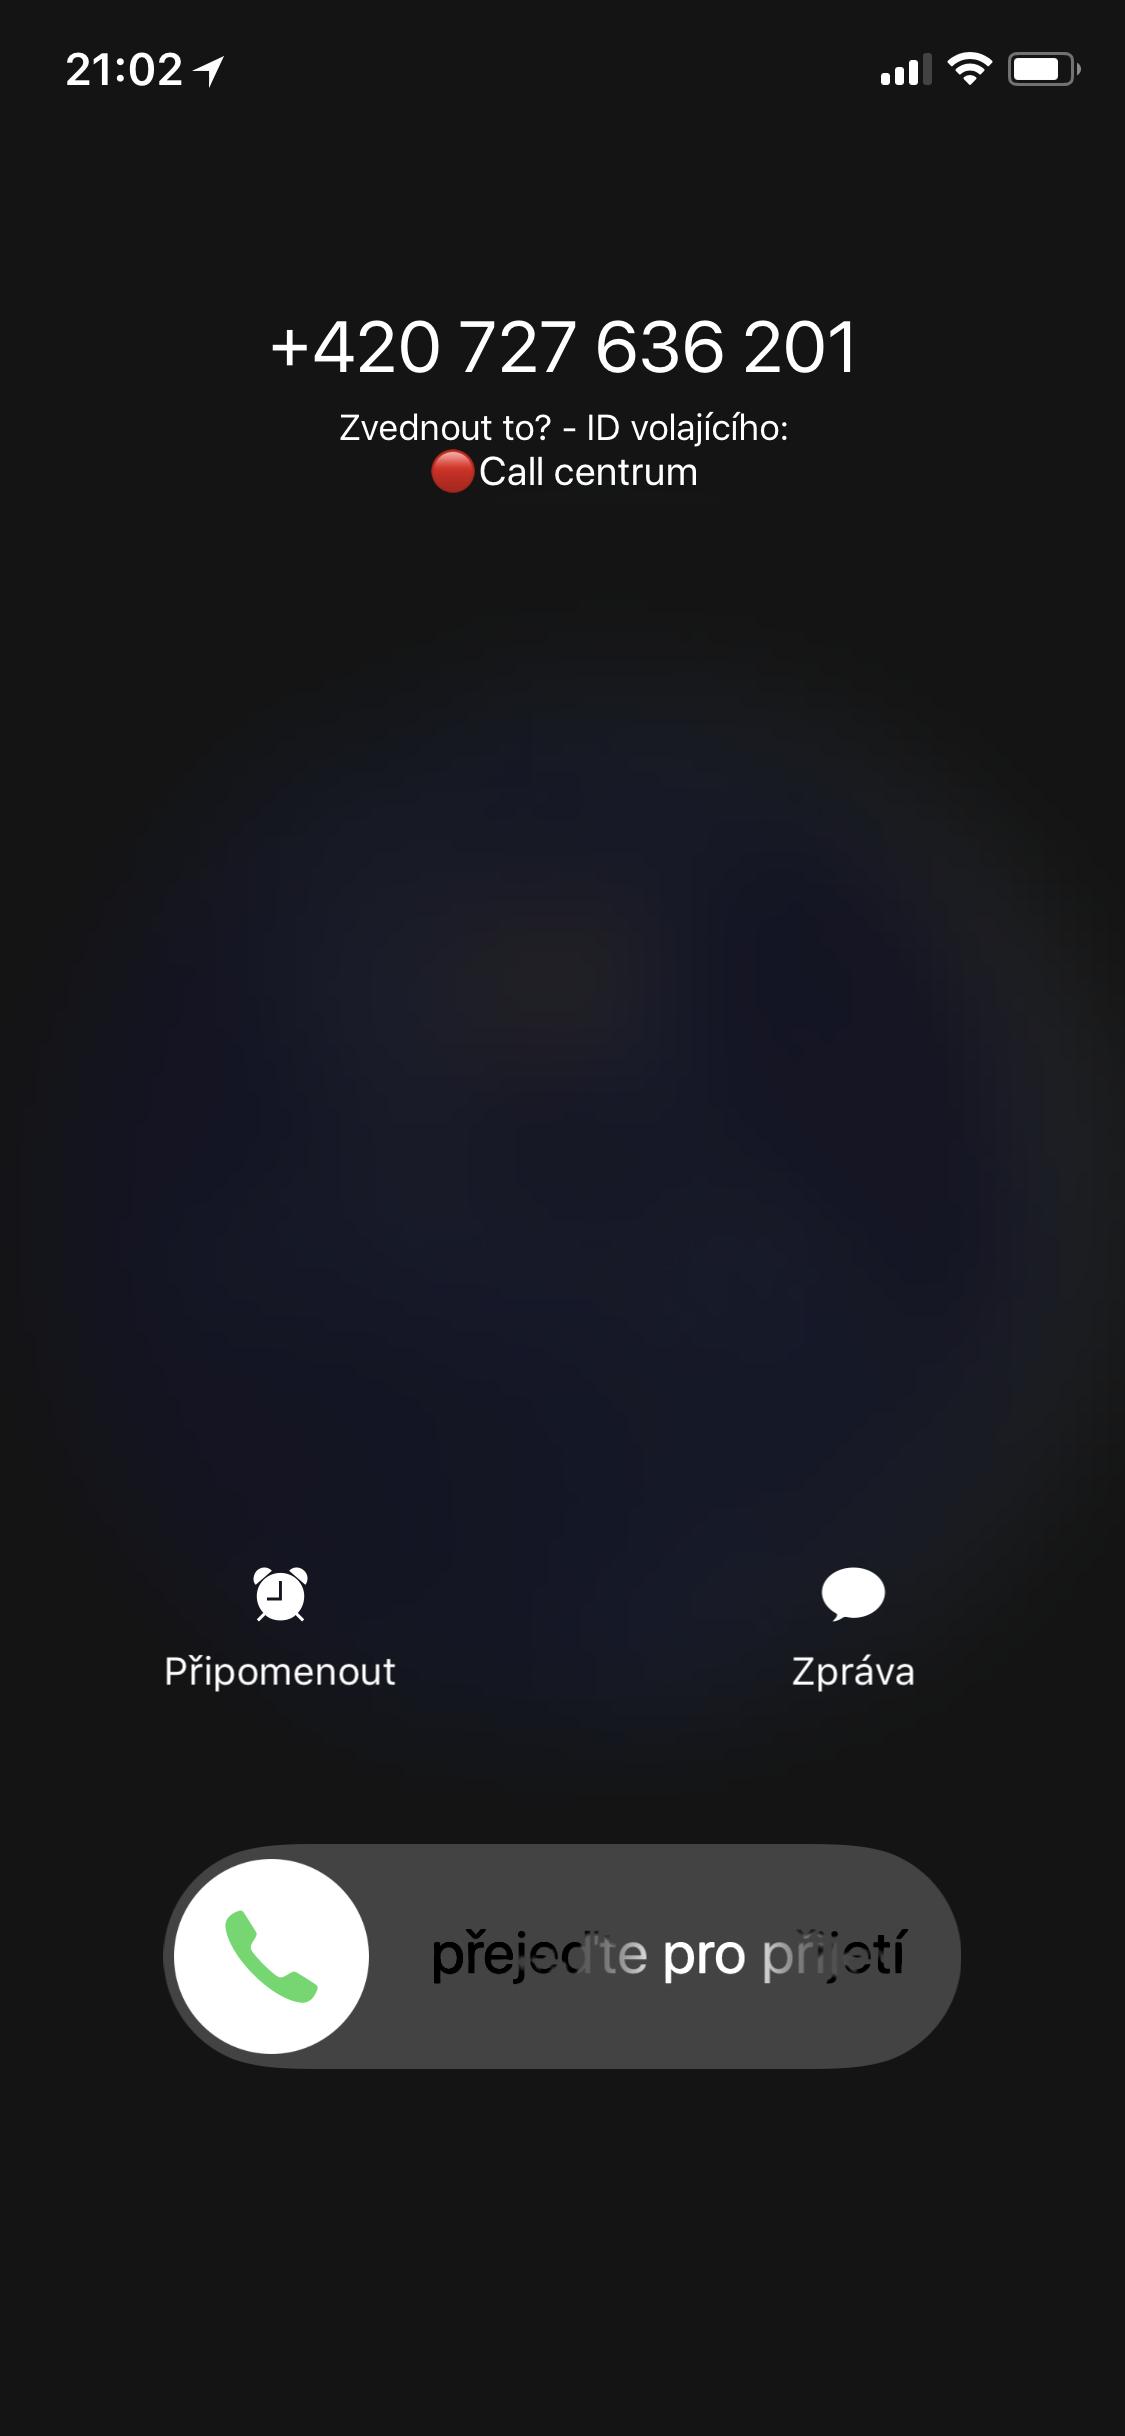 Obrazovka příchozího hovoru s označením obtěžujícího čísla v iOS